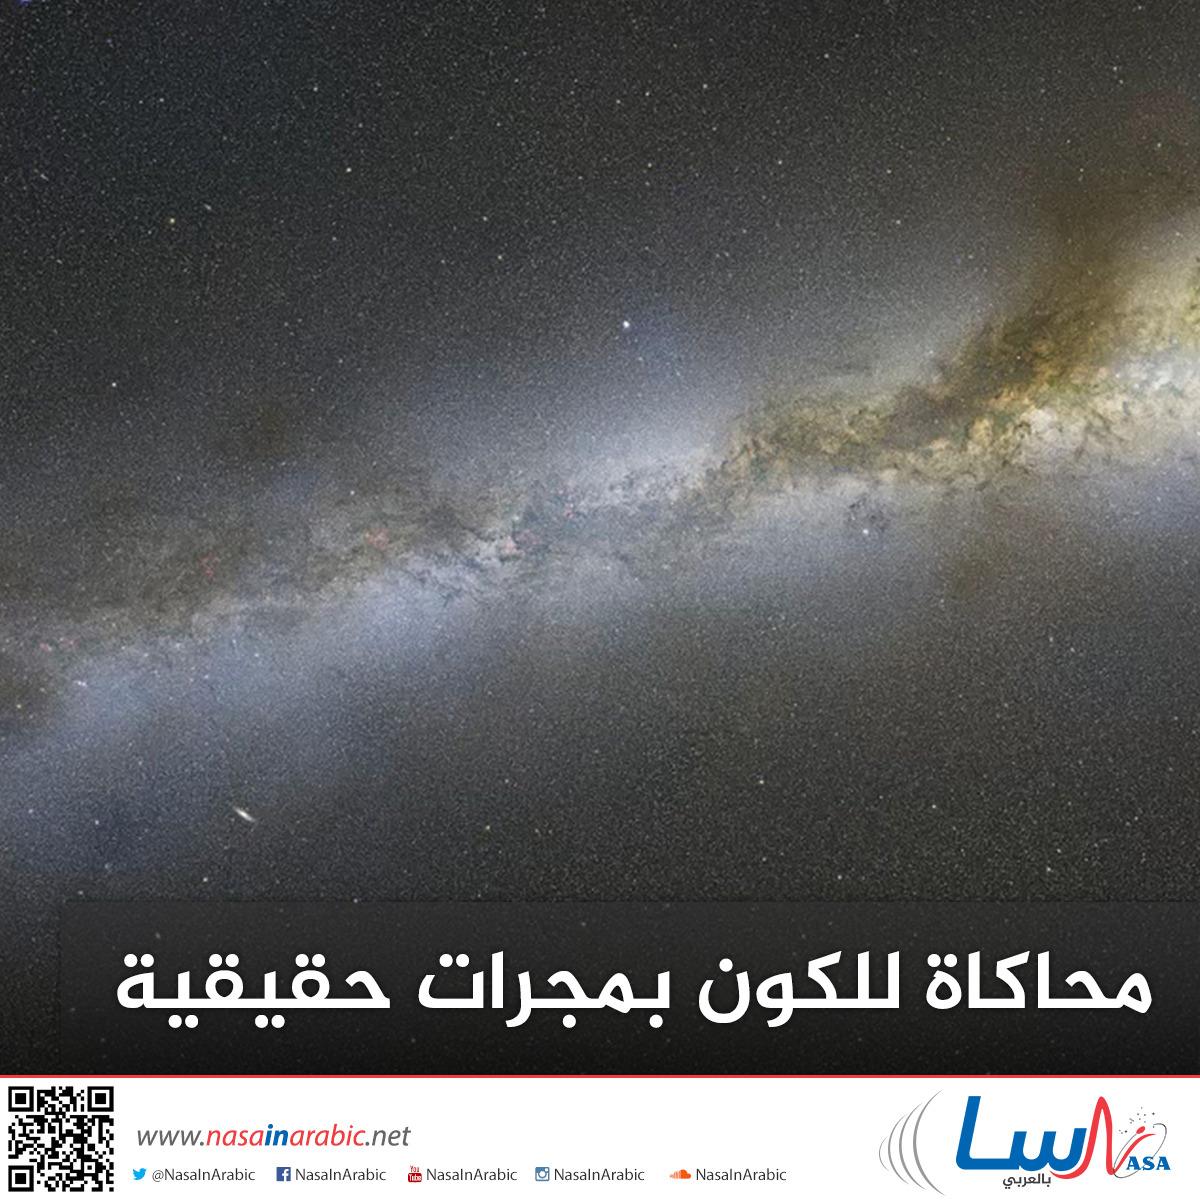 محاكاة للكون بمجرات حقيقية